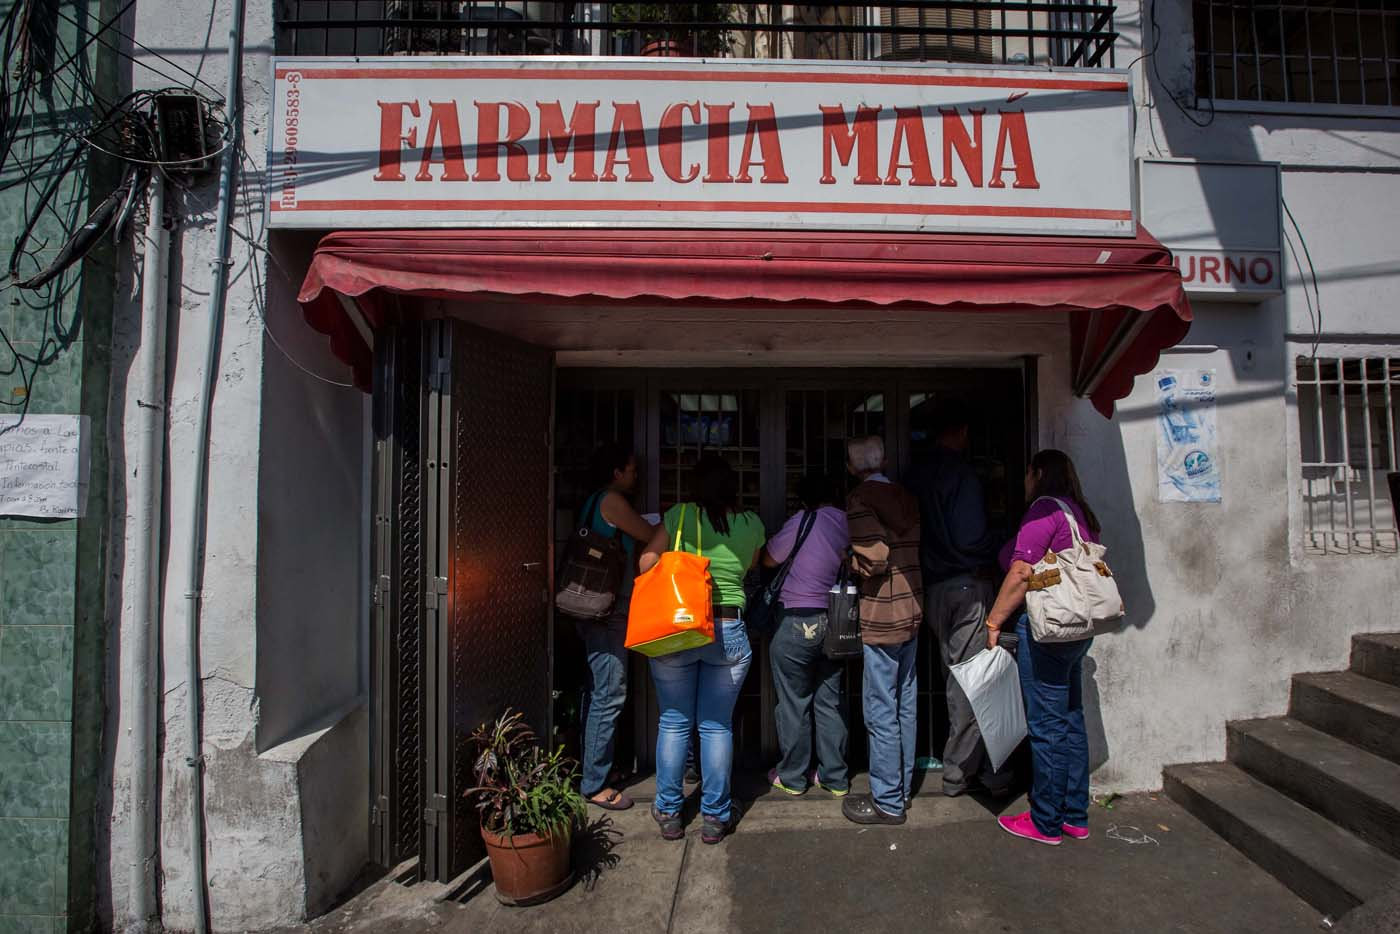 ACOMPAÑA CRÓNICA: VENEZUELA MEDICINAS - CAR003. CARACAS (VENEZUELA), 25/02/2017 - Fotografía del 24 de febrero de 2017, de un grupo de personas en busca de medicinas en una farmacia de Caracas (Venezuela).Casi tres semanas lleva una joven de 25 años buscando dos antibióticos para su hermana que padece de bronconeumonía y hasta ahora lo único que pudo conseguir, gracias a una donación, fue una caja incompleta de un medicamento que no es precisamente el que el médico le recetó. Venezuela vive una aguda crisis de desabastecimiento en materia de medicinas desde hace más de dos años y la situación no parece mejorar. Efe hizo un recorrido por unas 15 farmacias ubicadas tanto en el este como en el oeste de la capital venezolana y constató la ausencia de antibióticos, hipertensivos, anticoagulantes y otros. EFE/MIGUEL GUTIERREZ